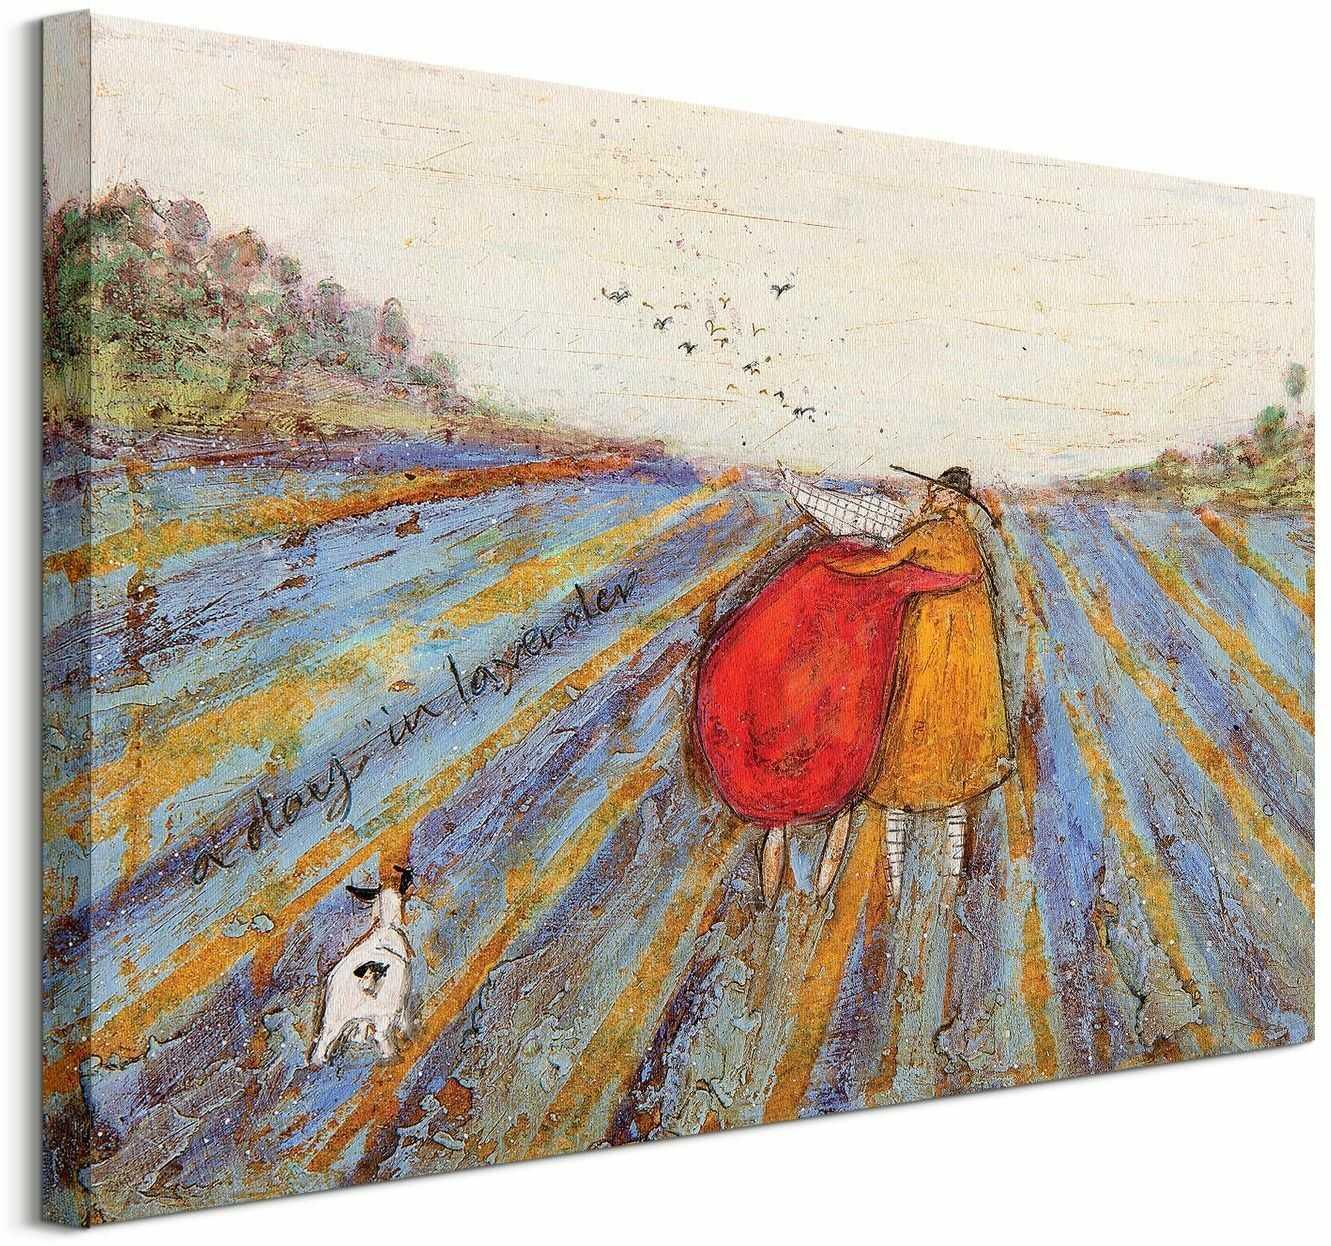 Sam toft a day in lavender - obraz na płótnie